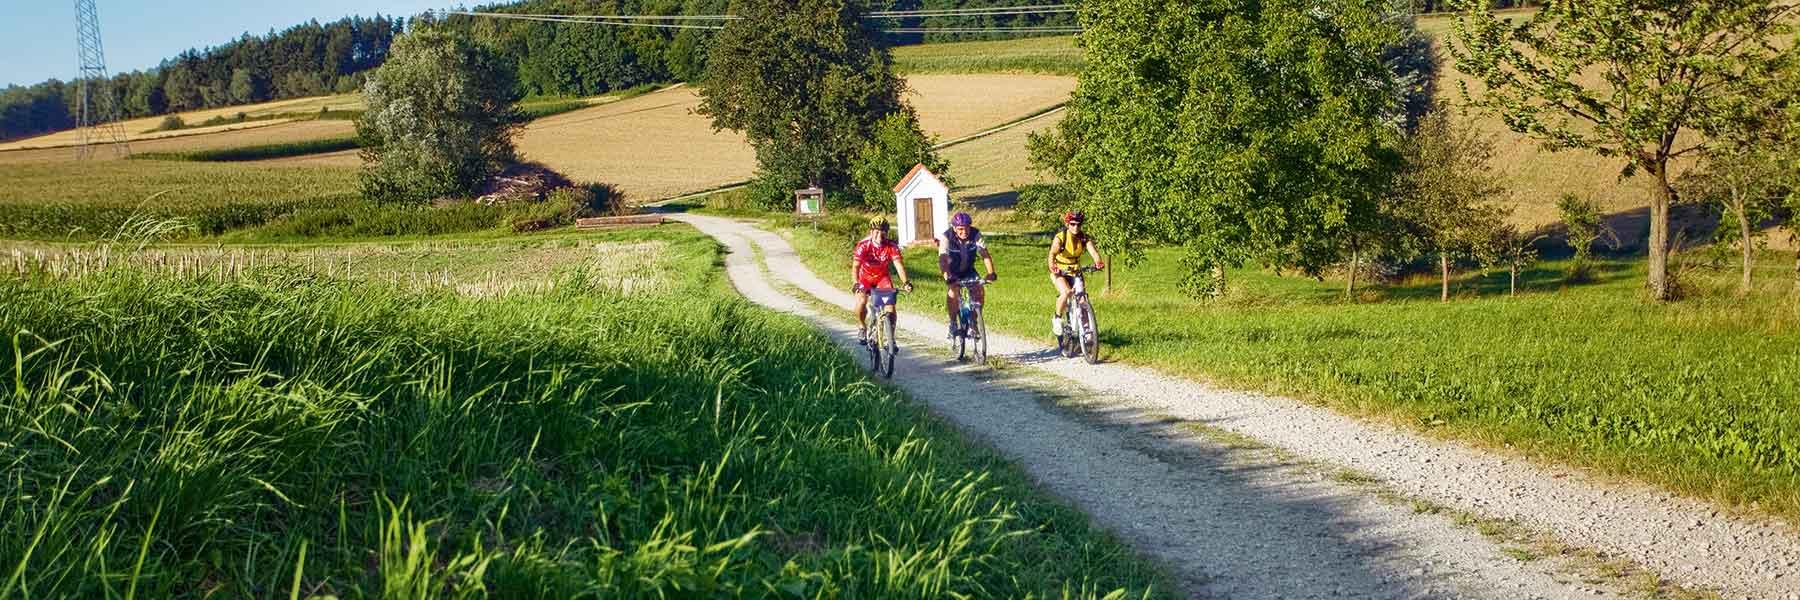 Fahrradfahren in Bad Birnbach im Rottaler Hügelland